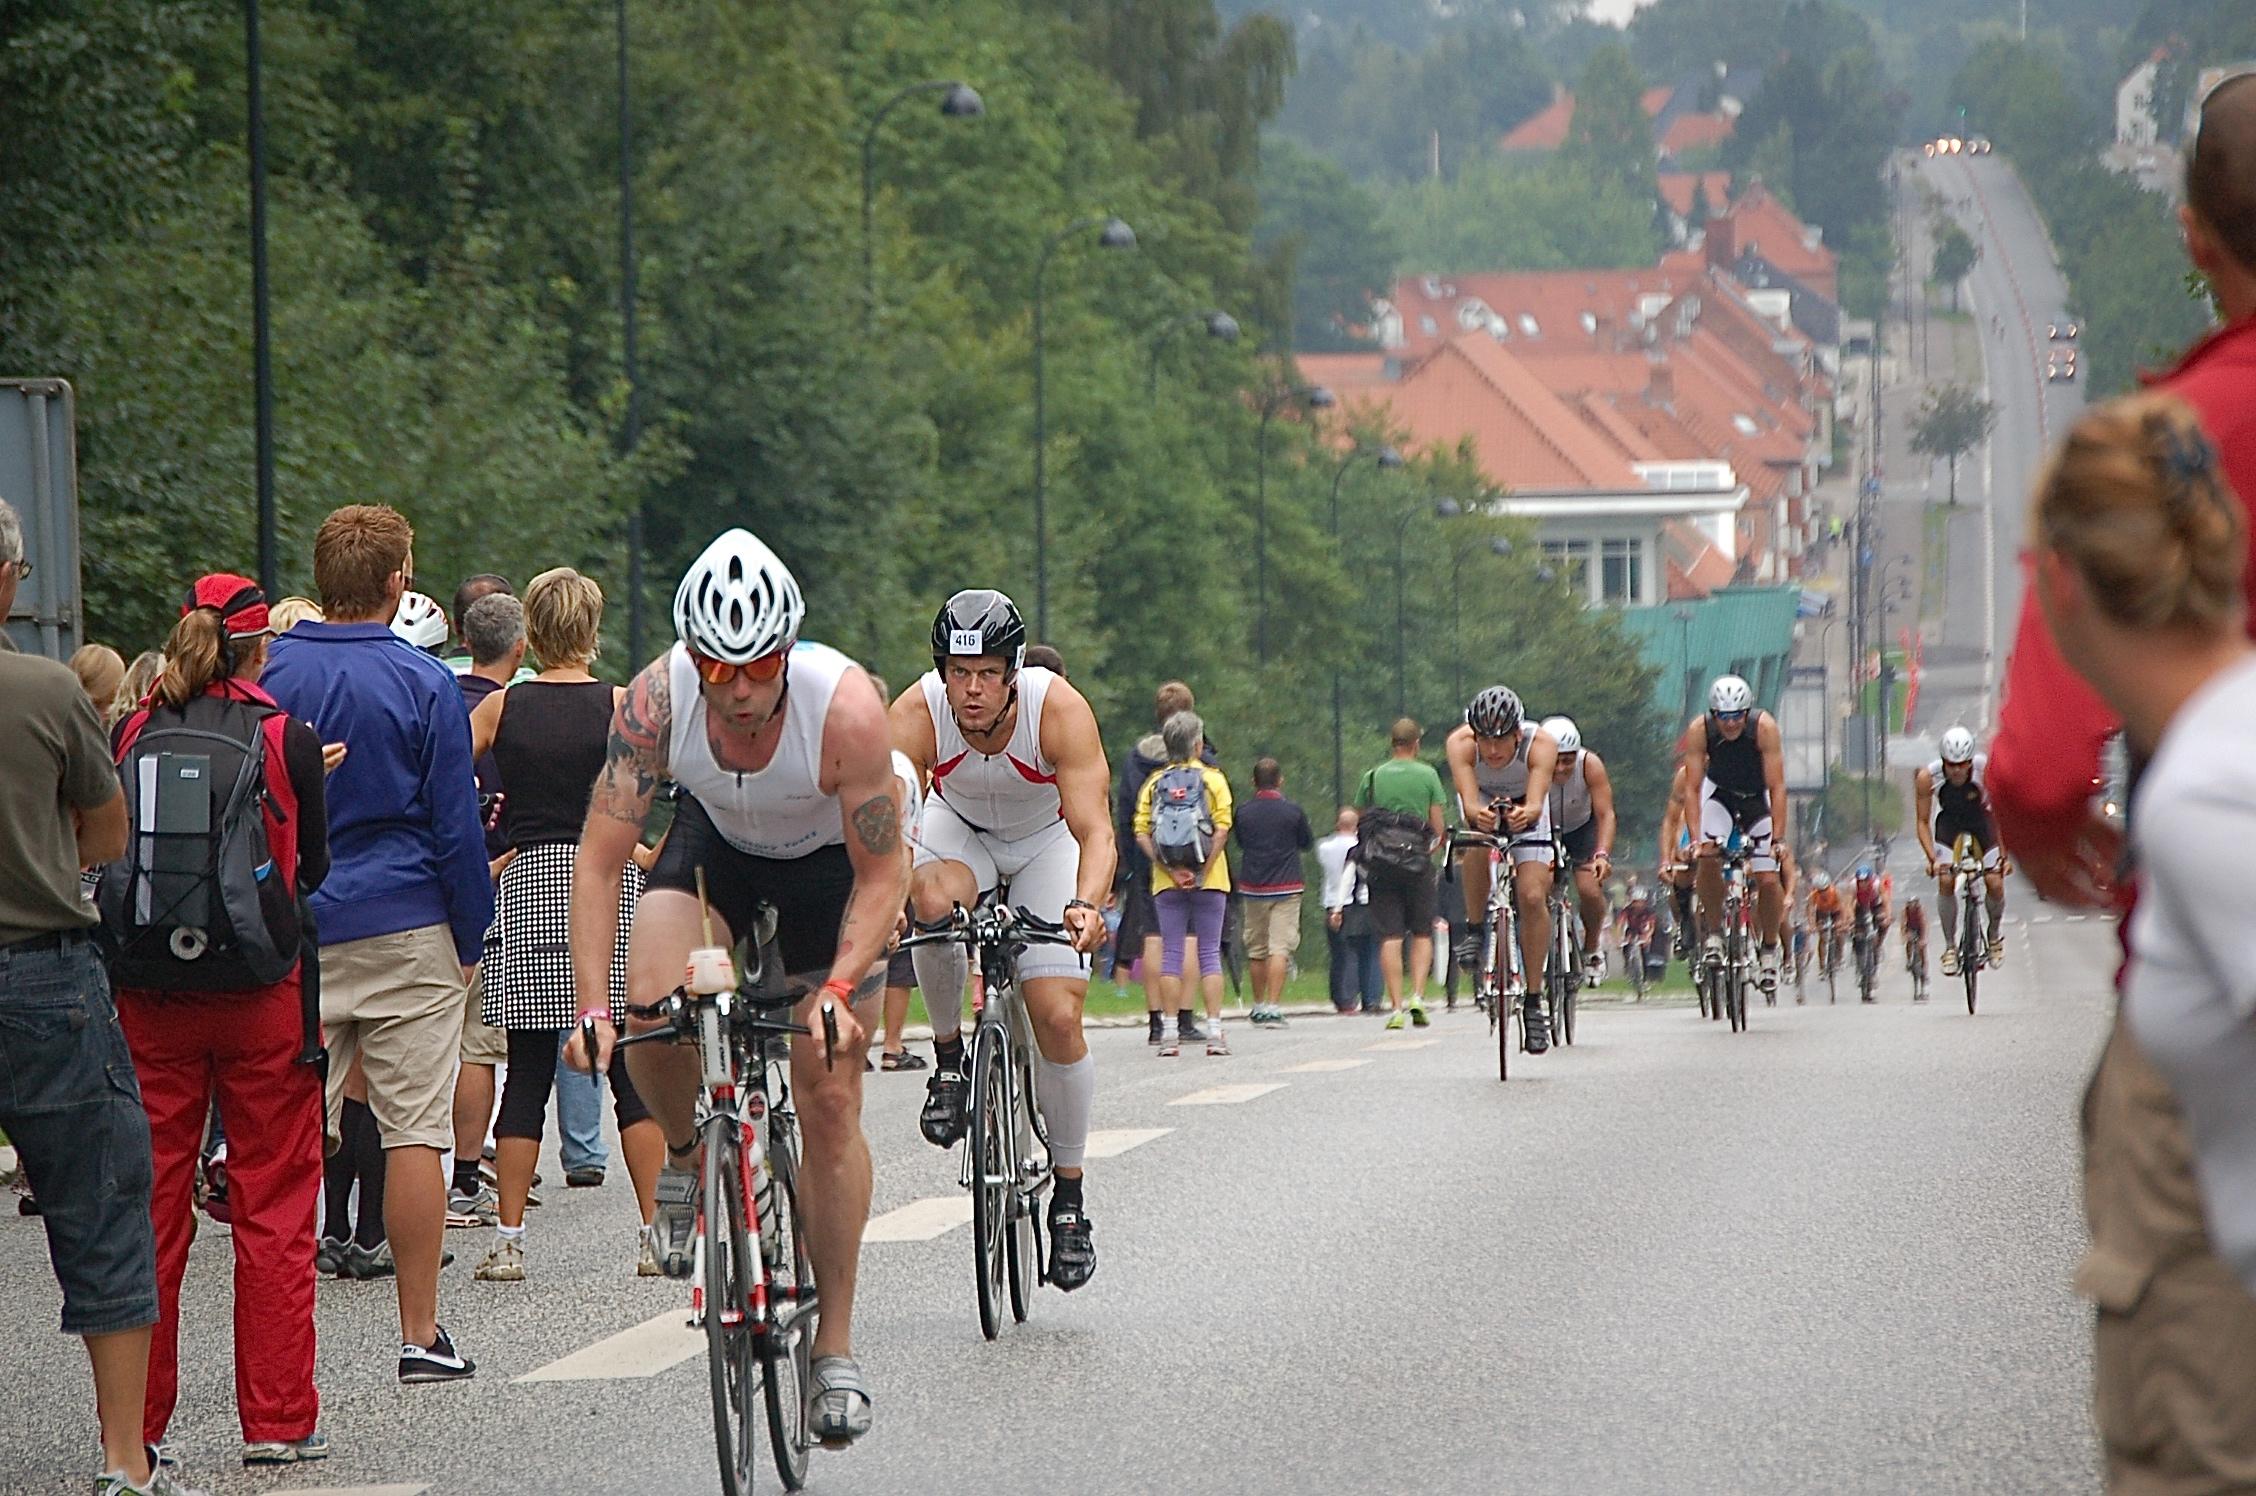 IRONMAN-cykelløbet afvikles bl.a. på Kongeven fra Kirkeltevej og mod syd til Lyngby. Arkivfoto fra Kongevejen ved Geels Bakke: AOB